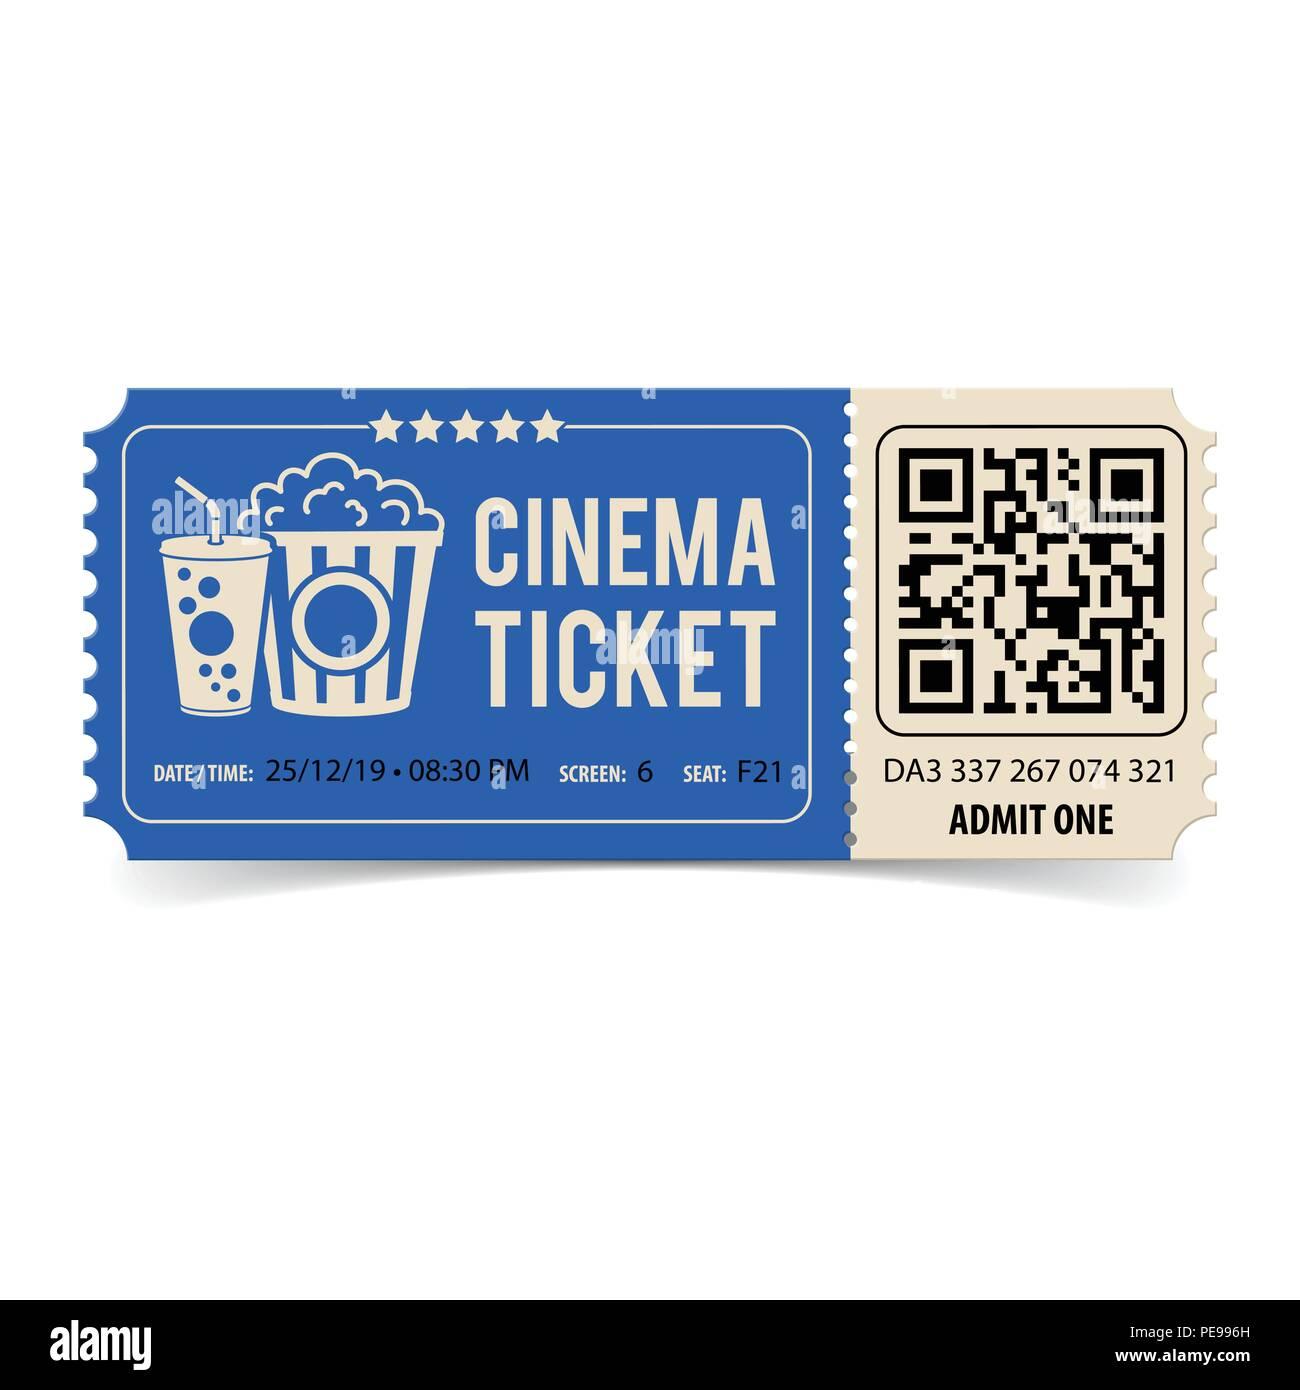 015102228ea Ticket Code Imágenes De Stock & Ticket Code Fotos De Stock - Alamy